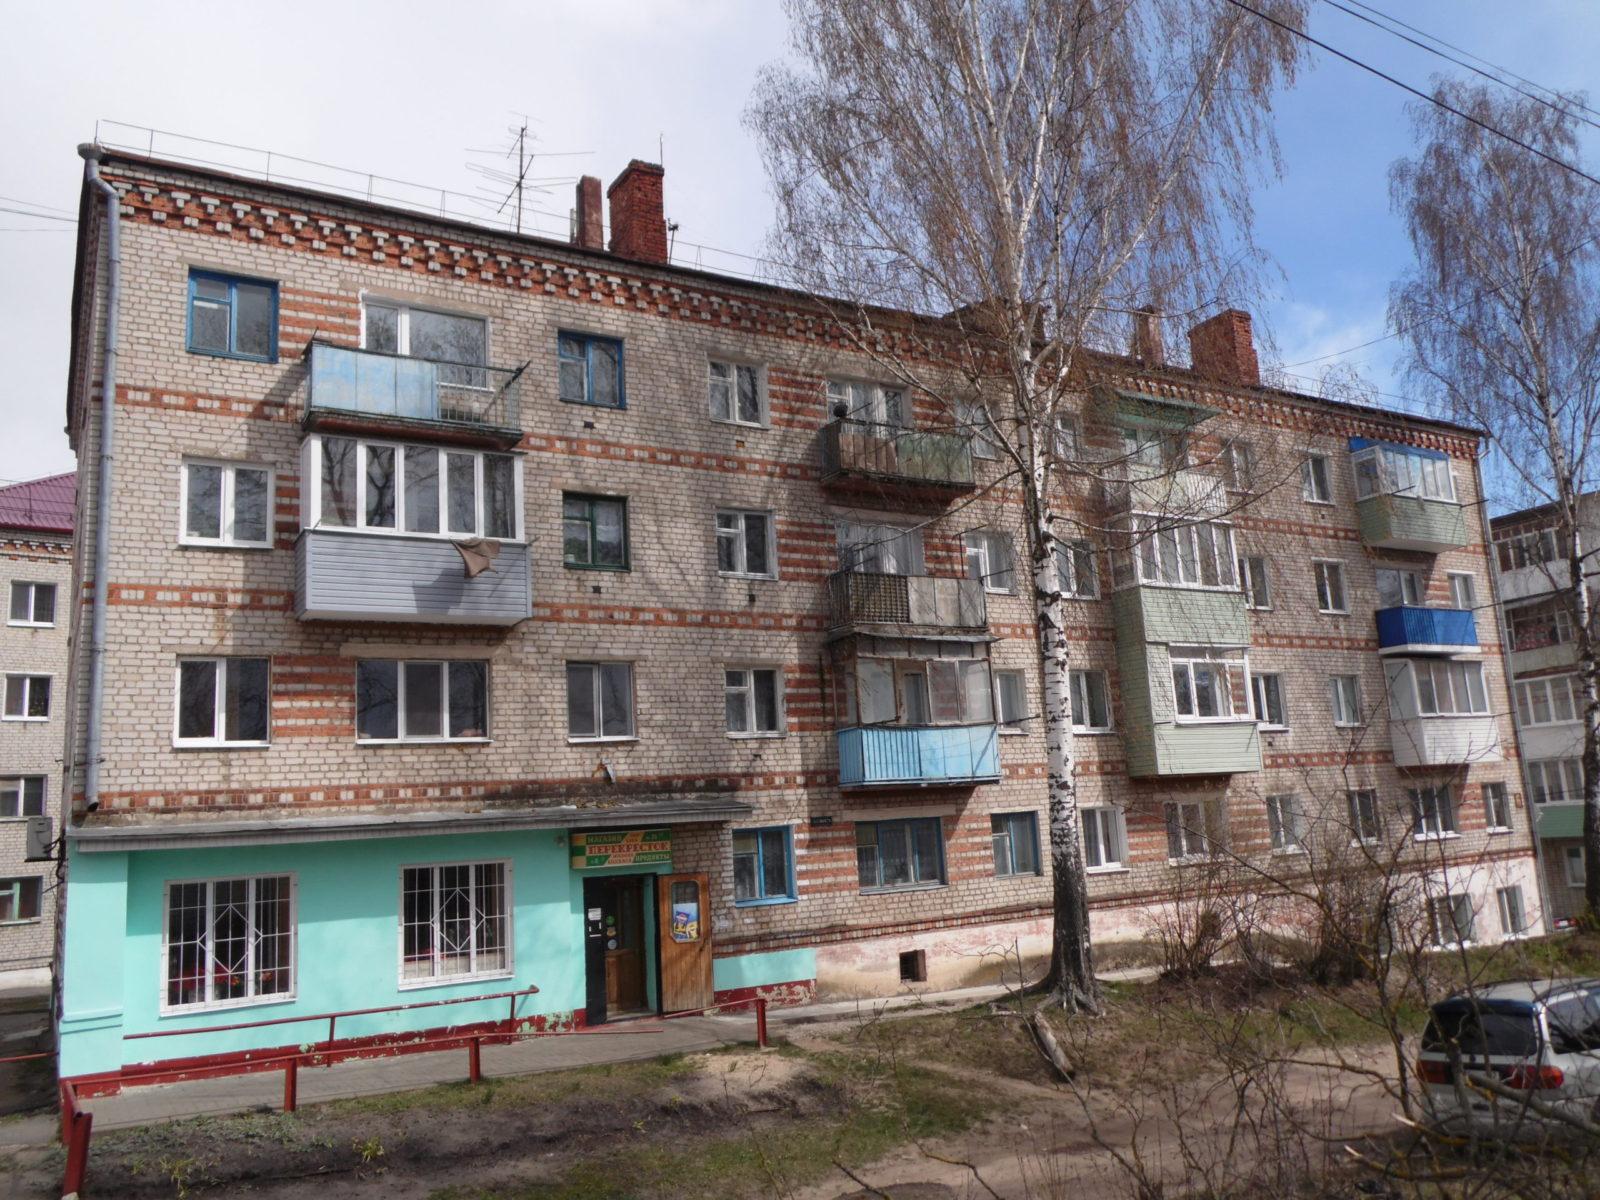 Карла Либкнехта 6 — ремонт цоколя